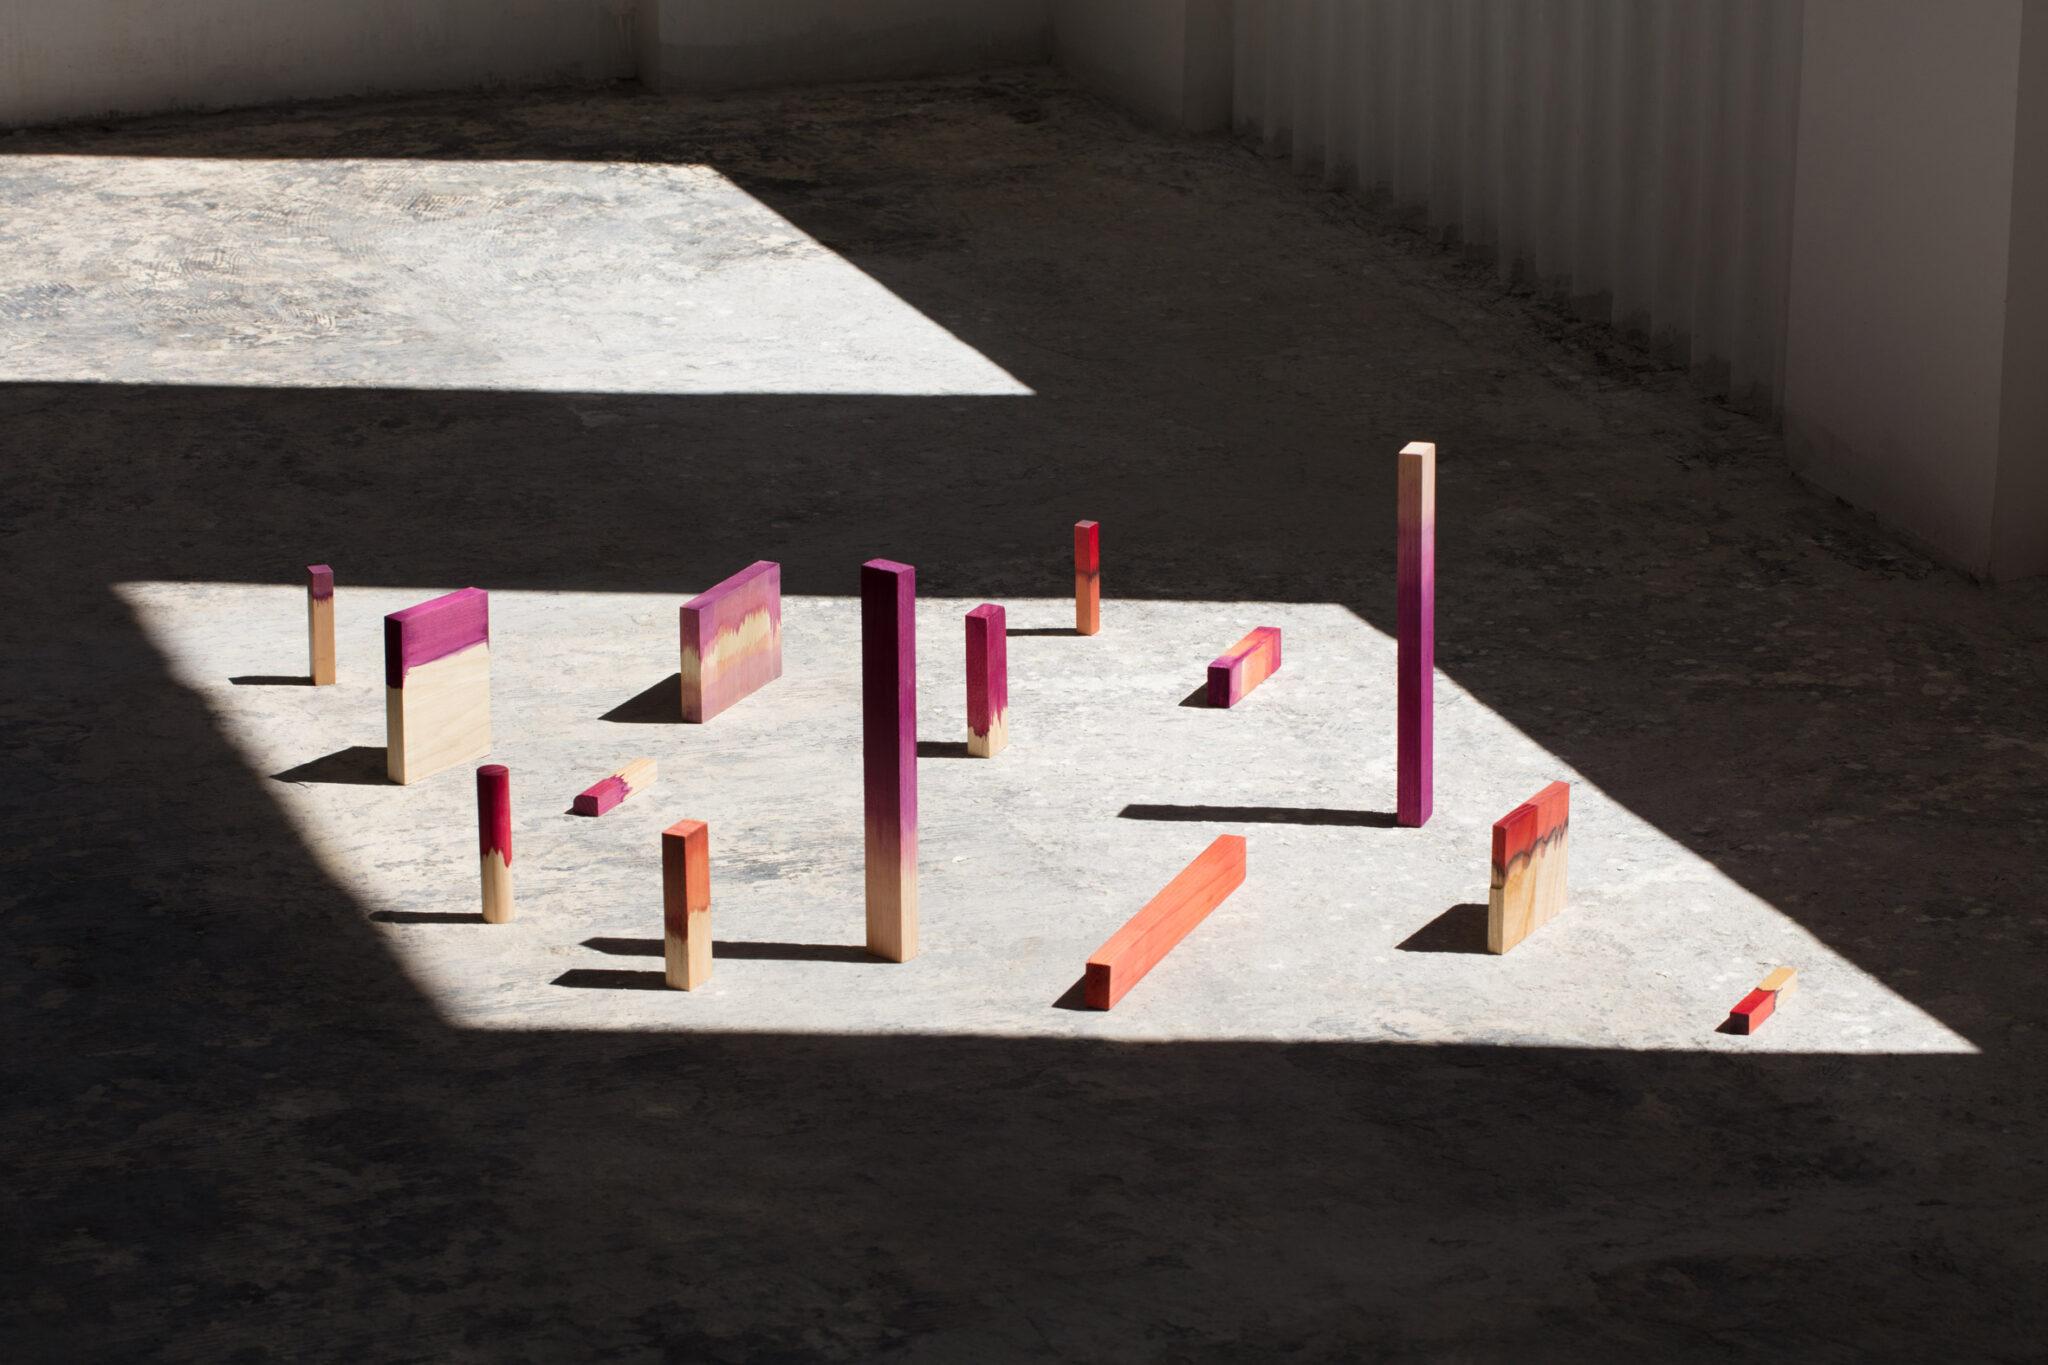 moises-hernandez-grana-chairs-design_dezeen_2364_col_16